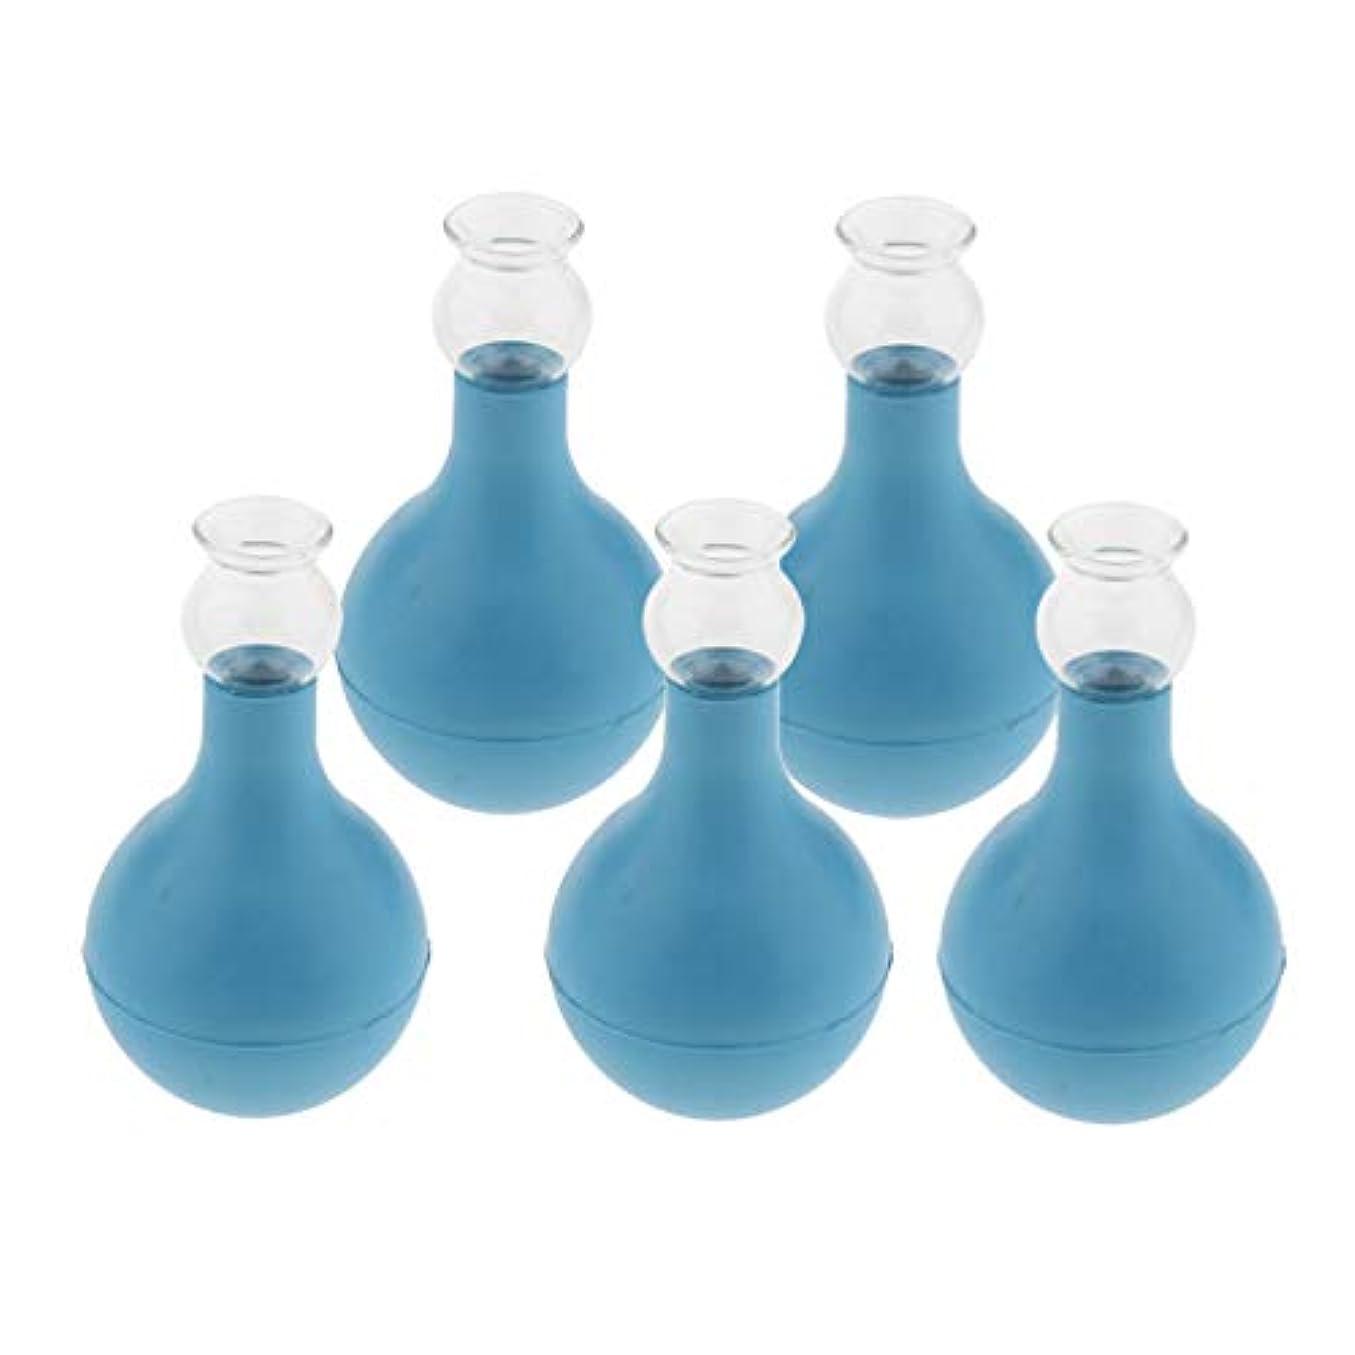 煩わしい羨望発生マッサージ 吸い玉 カッピング 5個 シリコン ガラス 顔 首 背中 胸 脚 全身用 2サイズ選ぶ - ブルー+ブルー2cm, 2cm